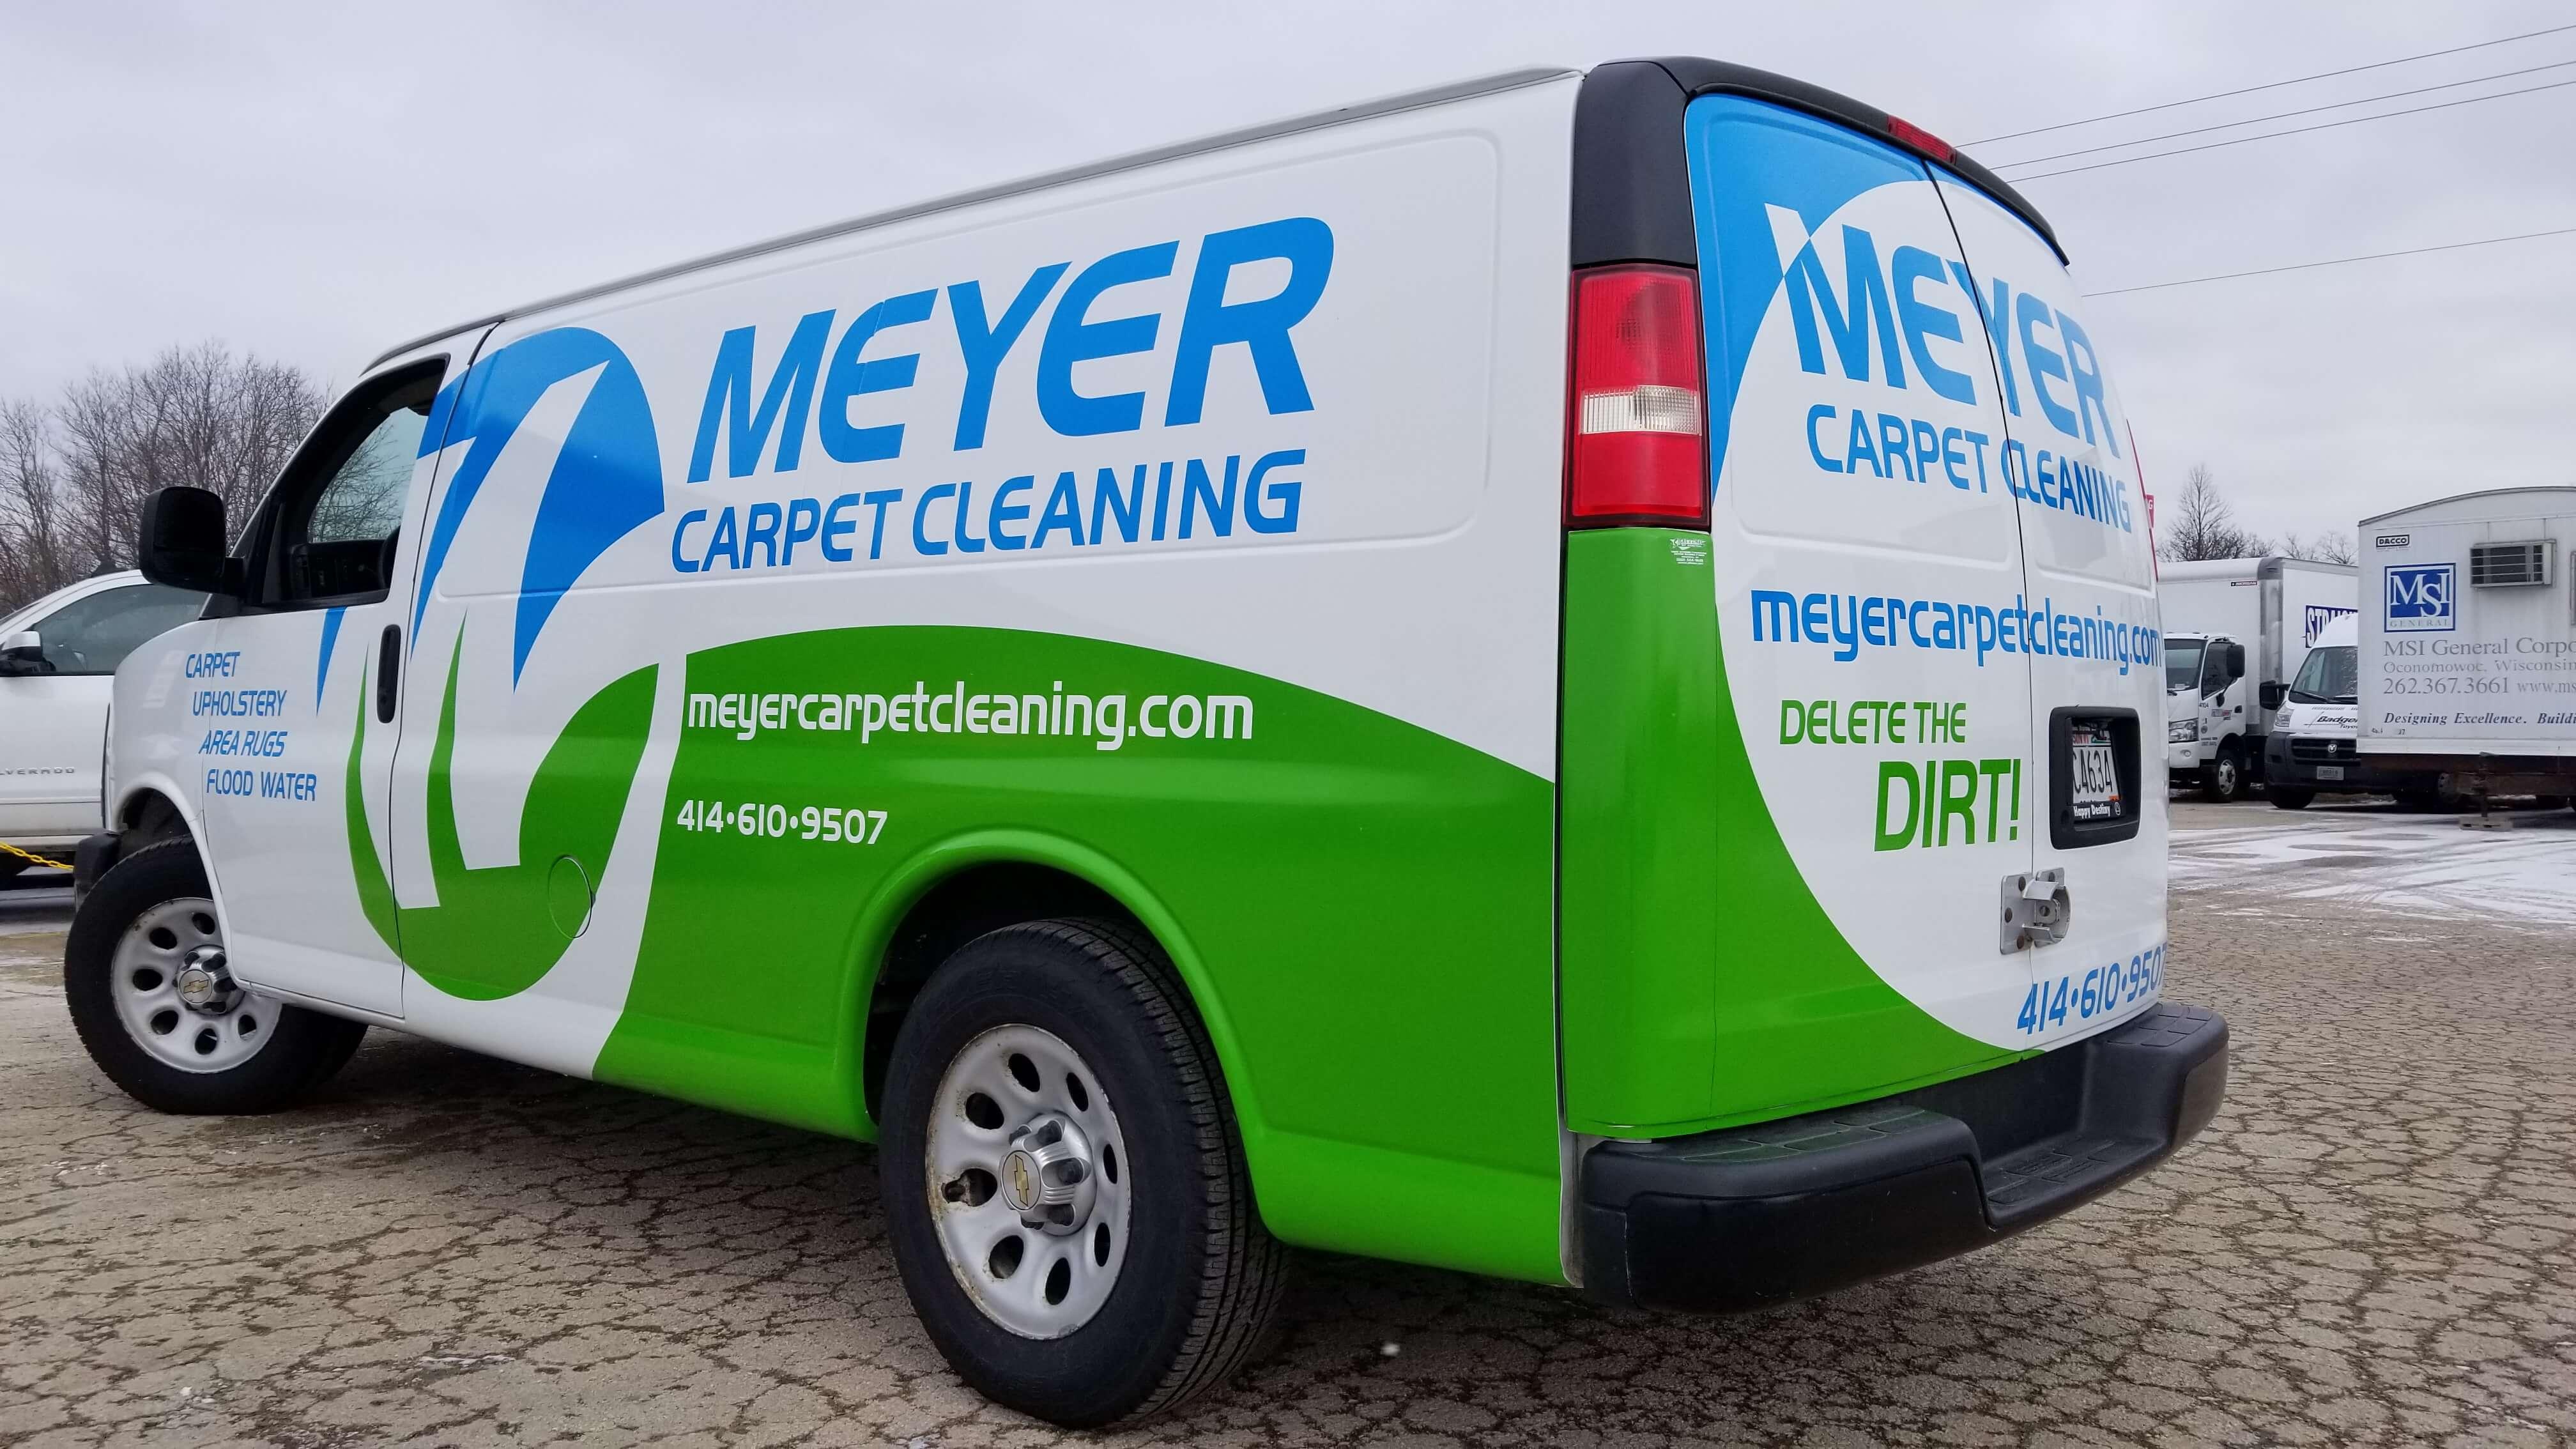 Meyer Carpet Cleaning business van vinyl decals